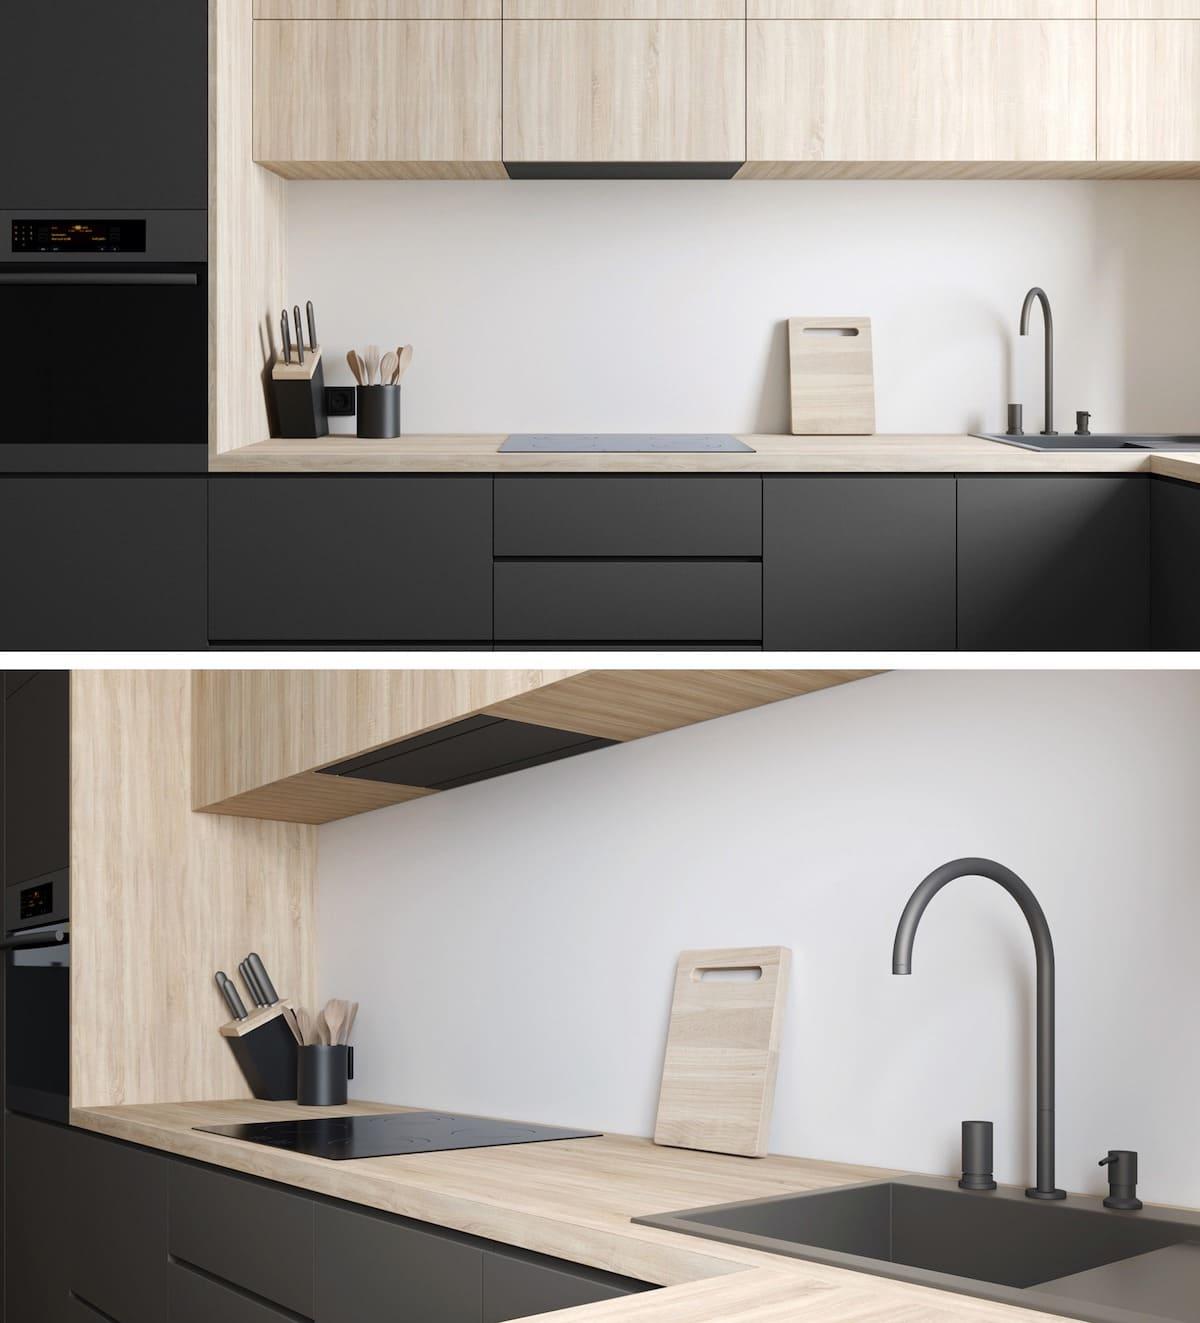 дизайн кухни в современном стиле фото 63